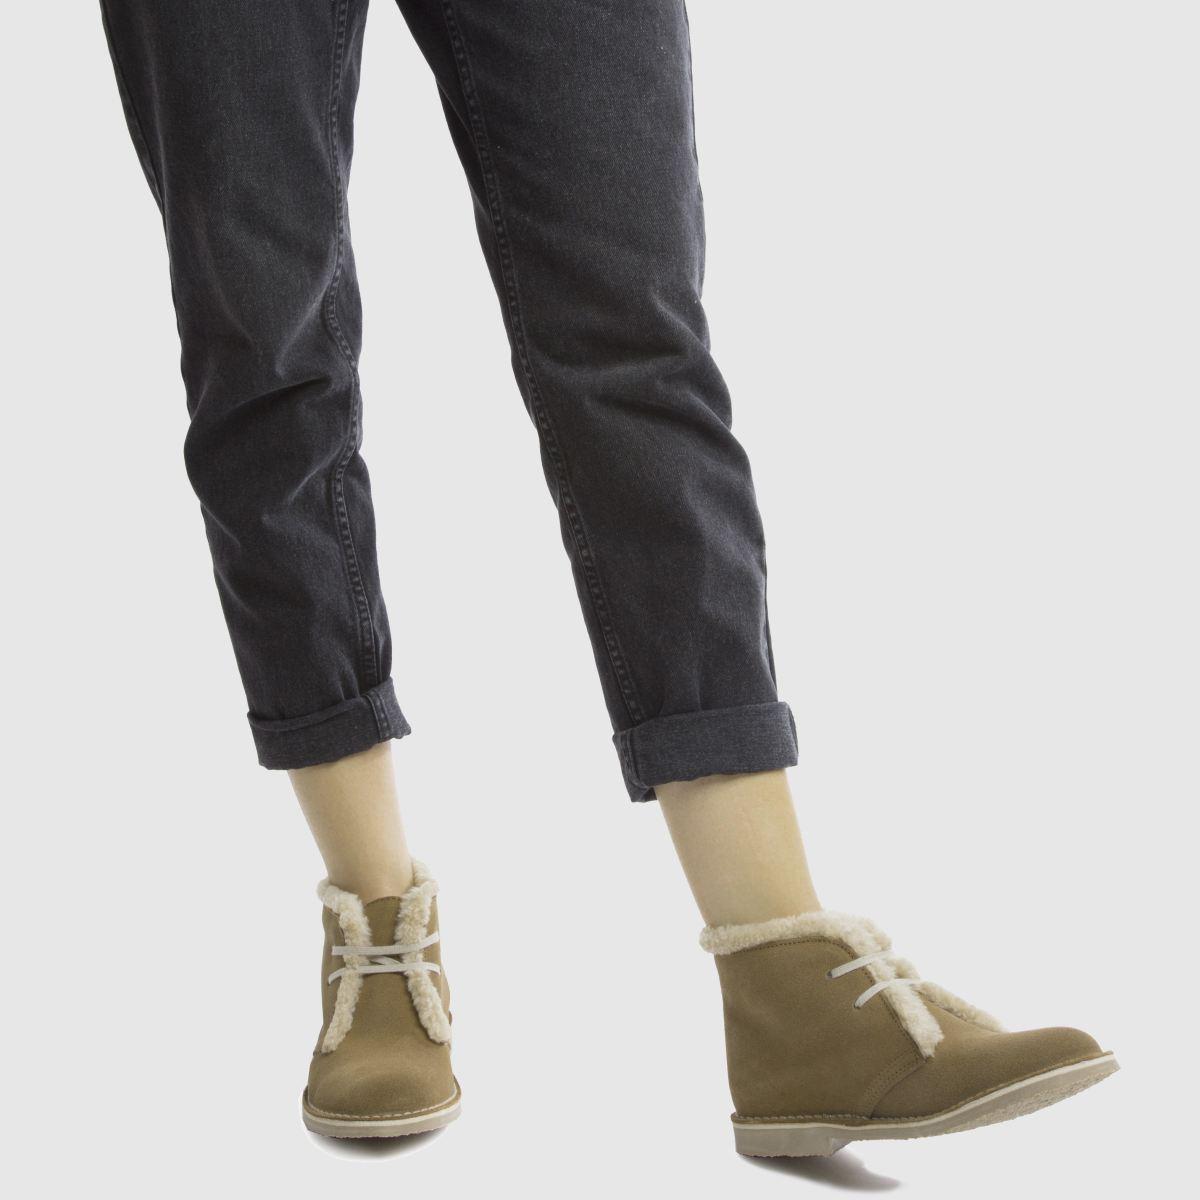 Damen Hellbraun schuh schuh Nifty Boots | schuh Hellbraun Gute Qualität beliebte Schuhe ef43f3